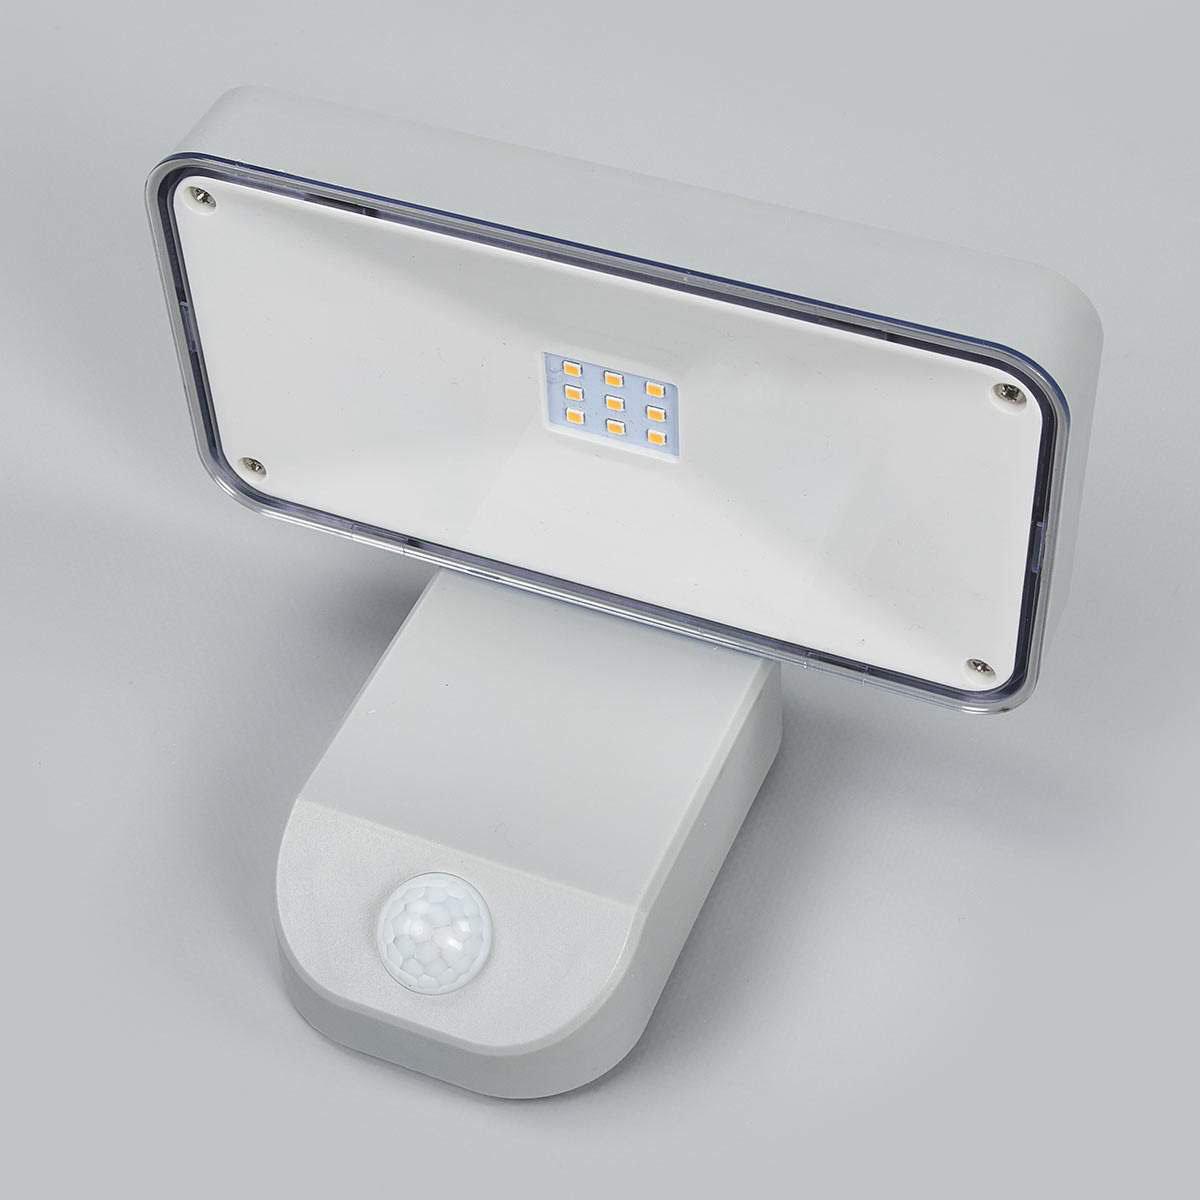 Solar-Außenwandlampe Maik mit Bewegungsmelder, 12x18x12,7 cm, Kunststoff, grau | #3